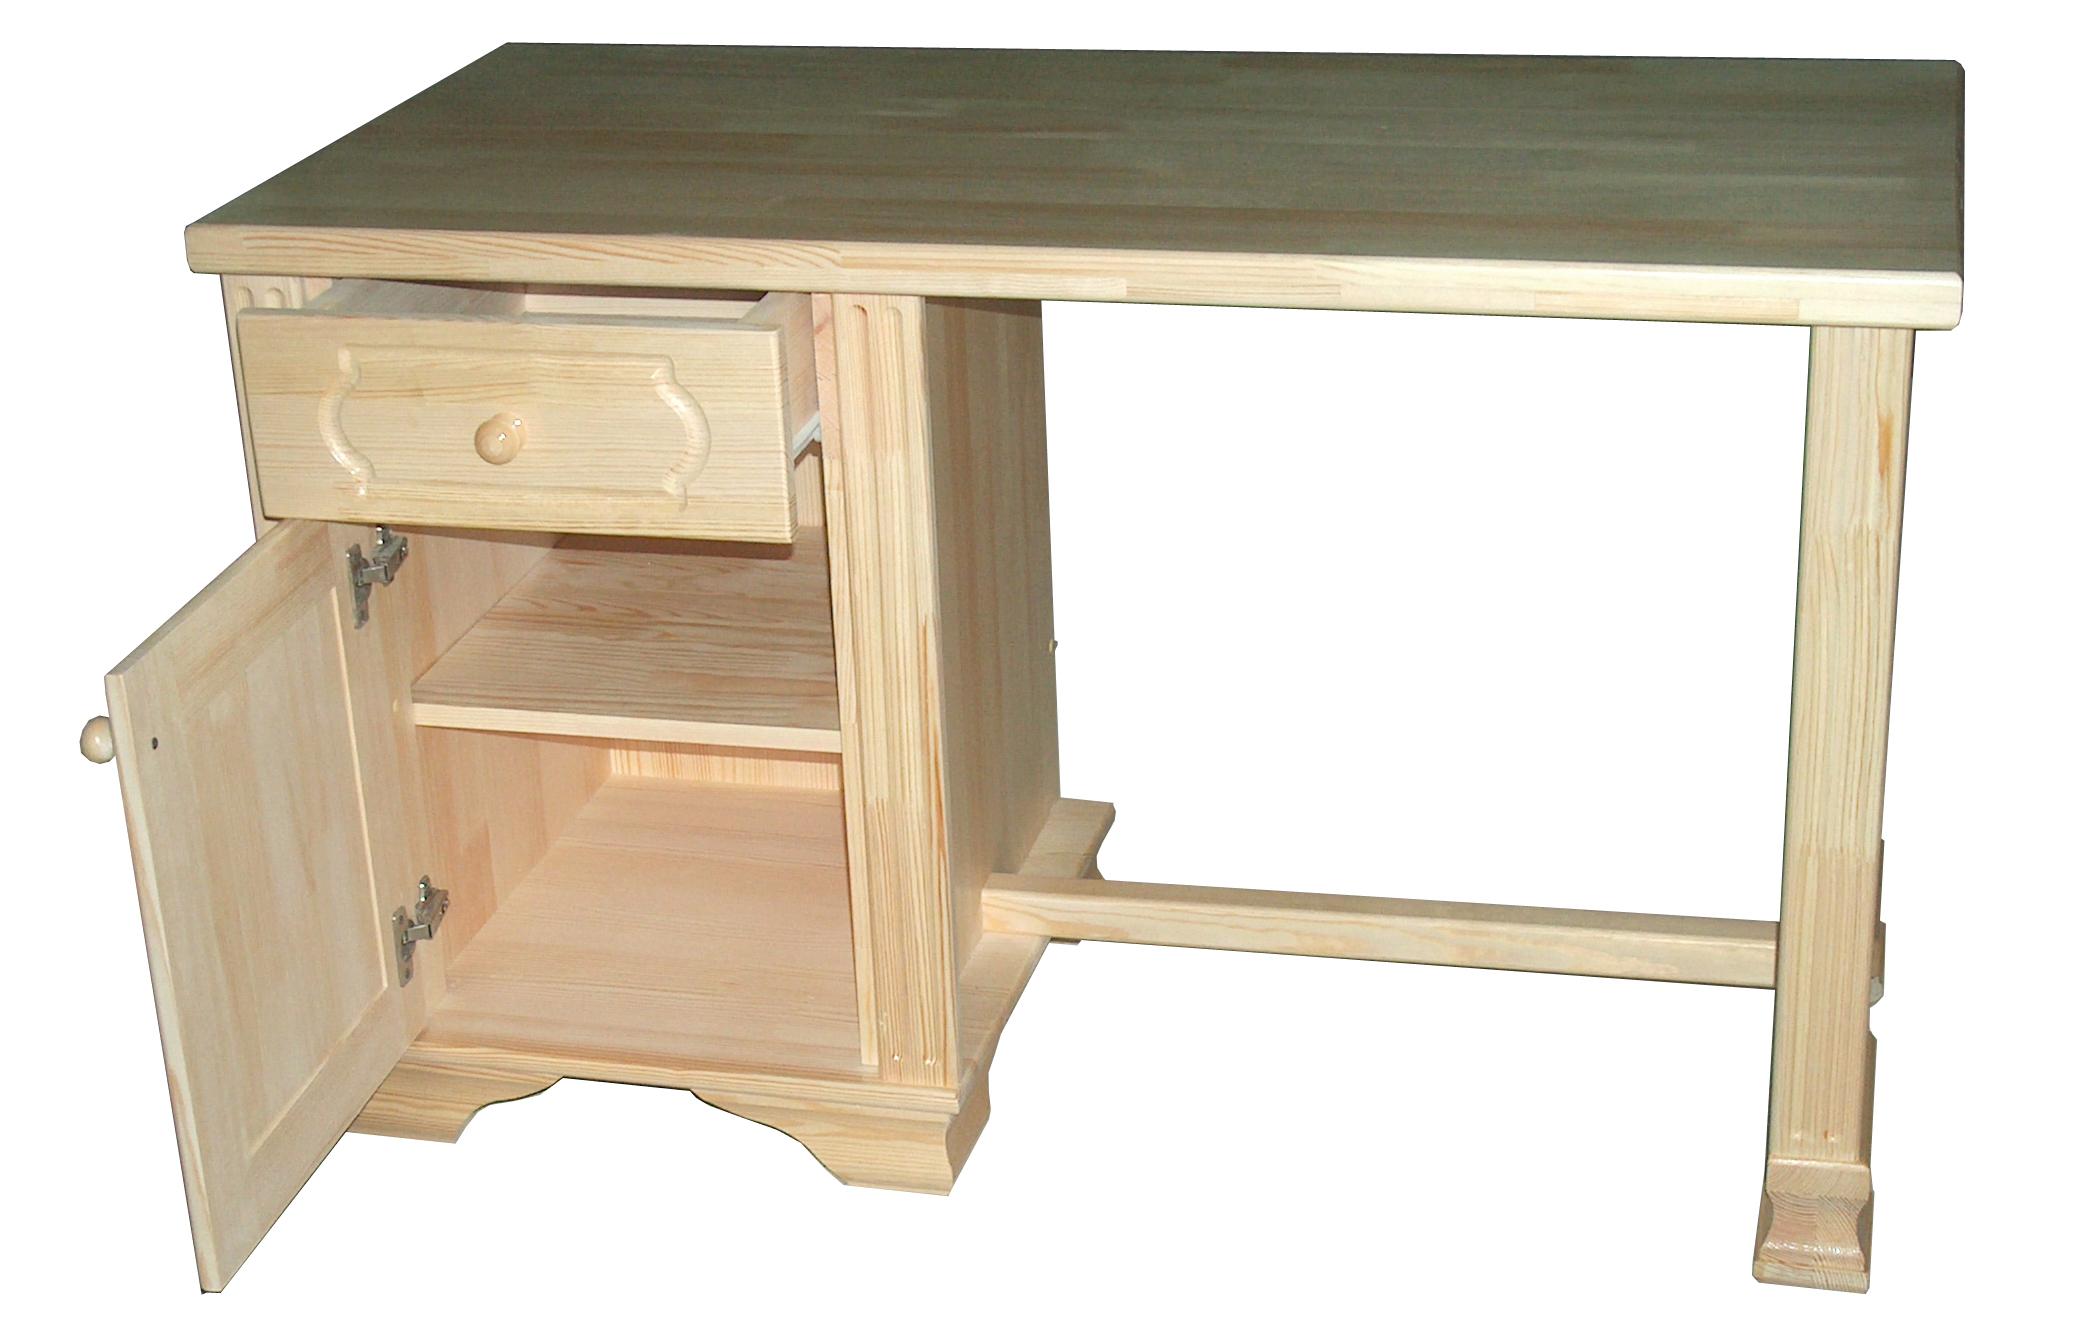 Письменный стол с одной тумбой из массива дерева.